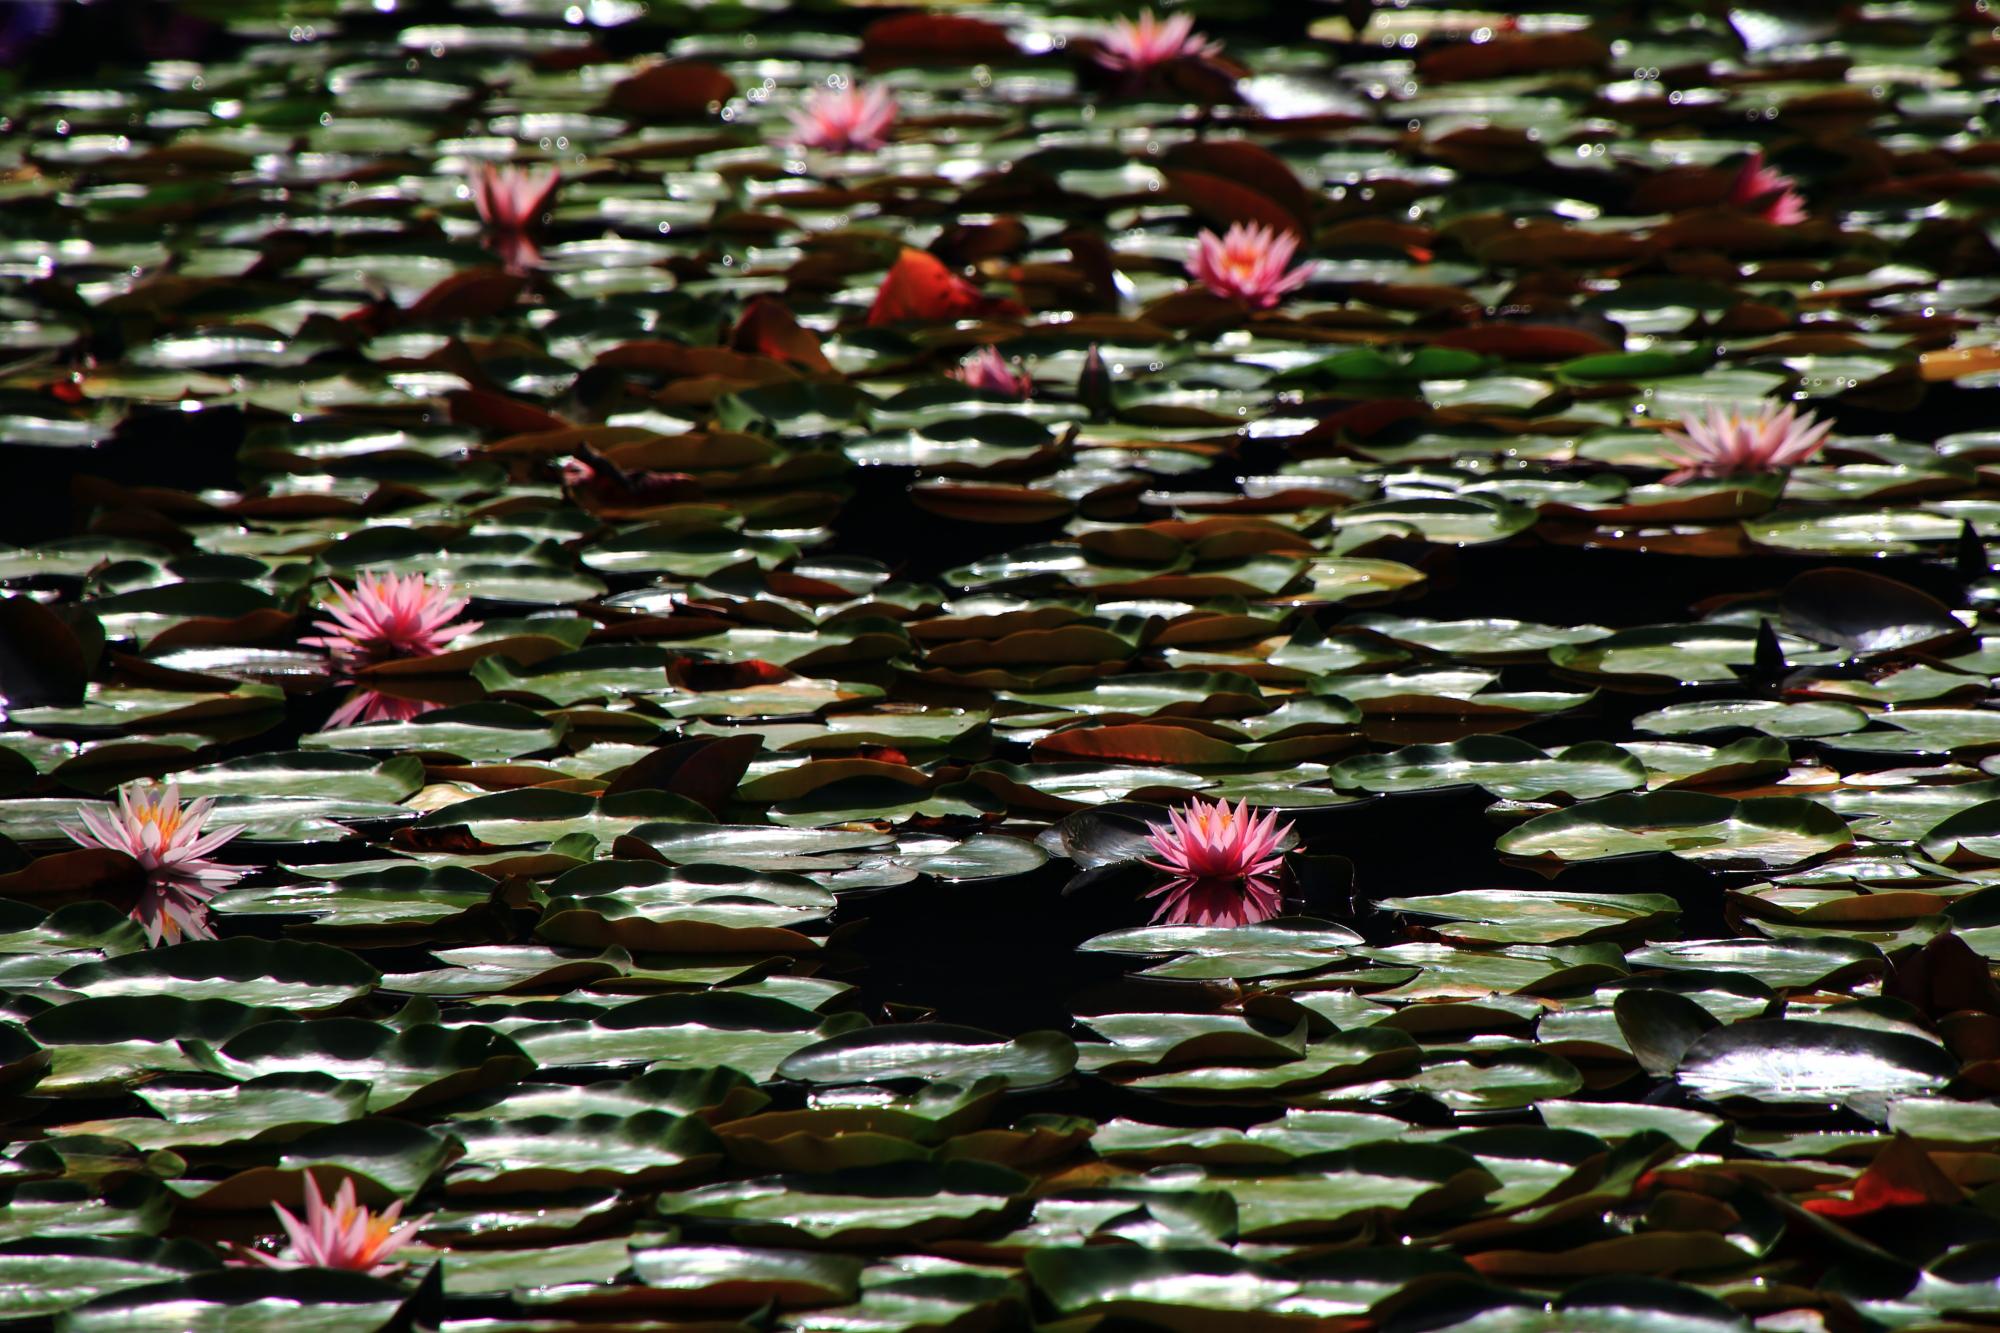 平安神宮の水面で輝くピンクの睡蓮